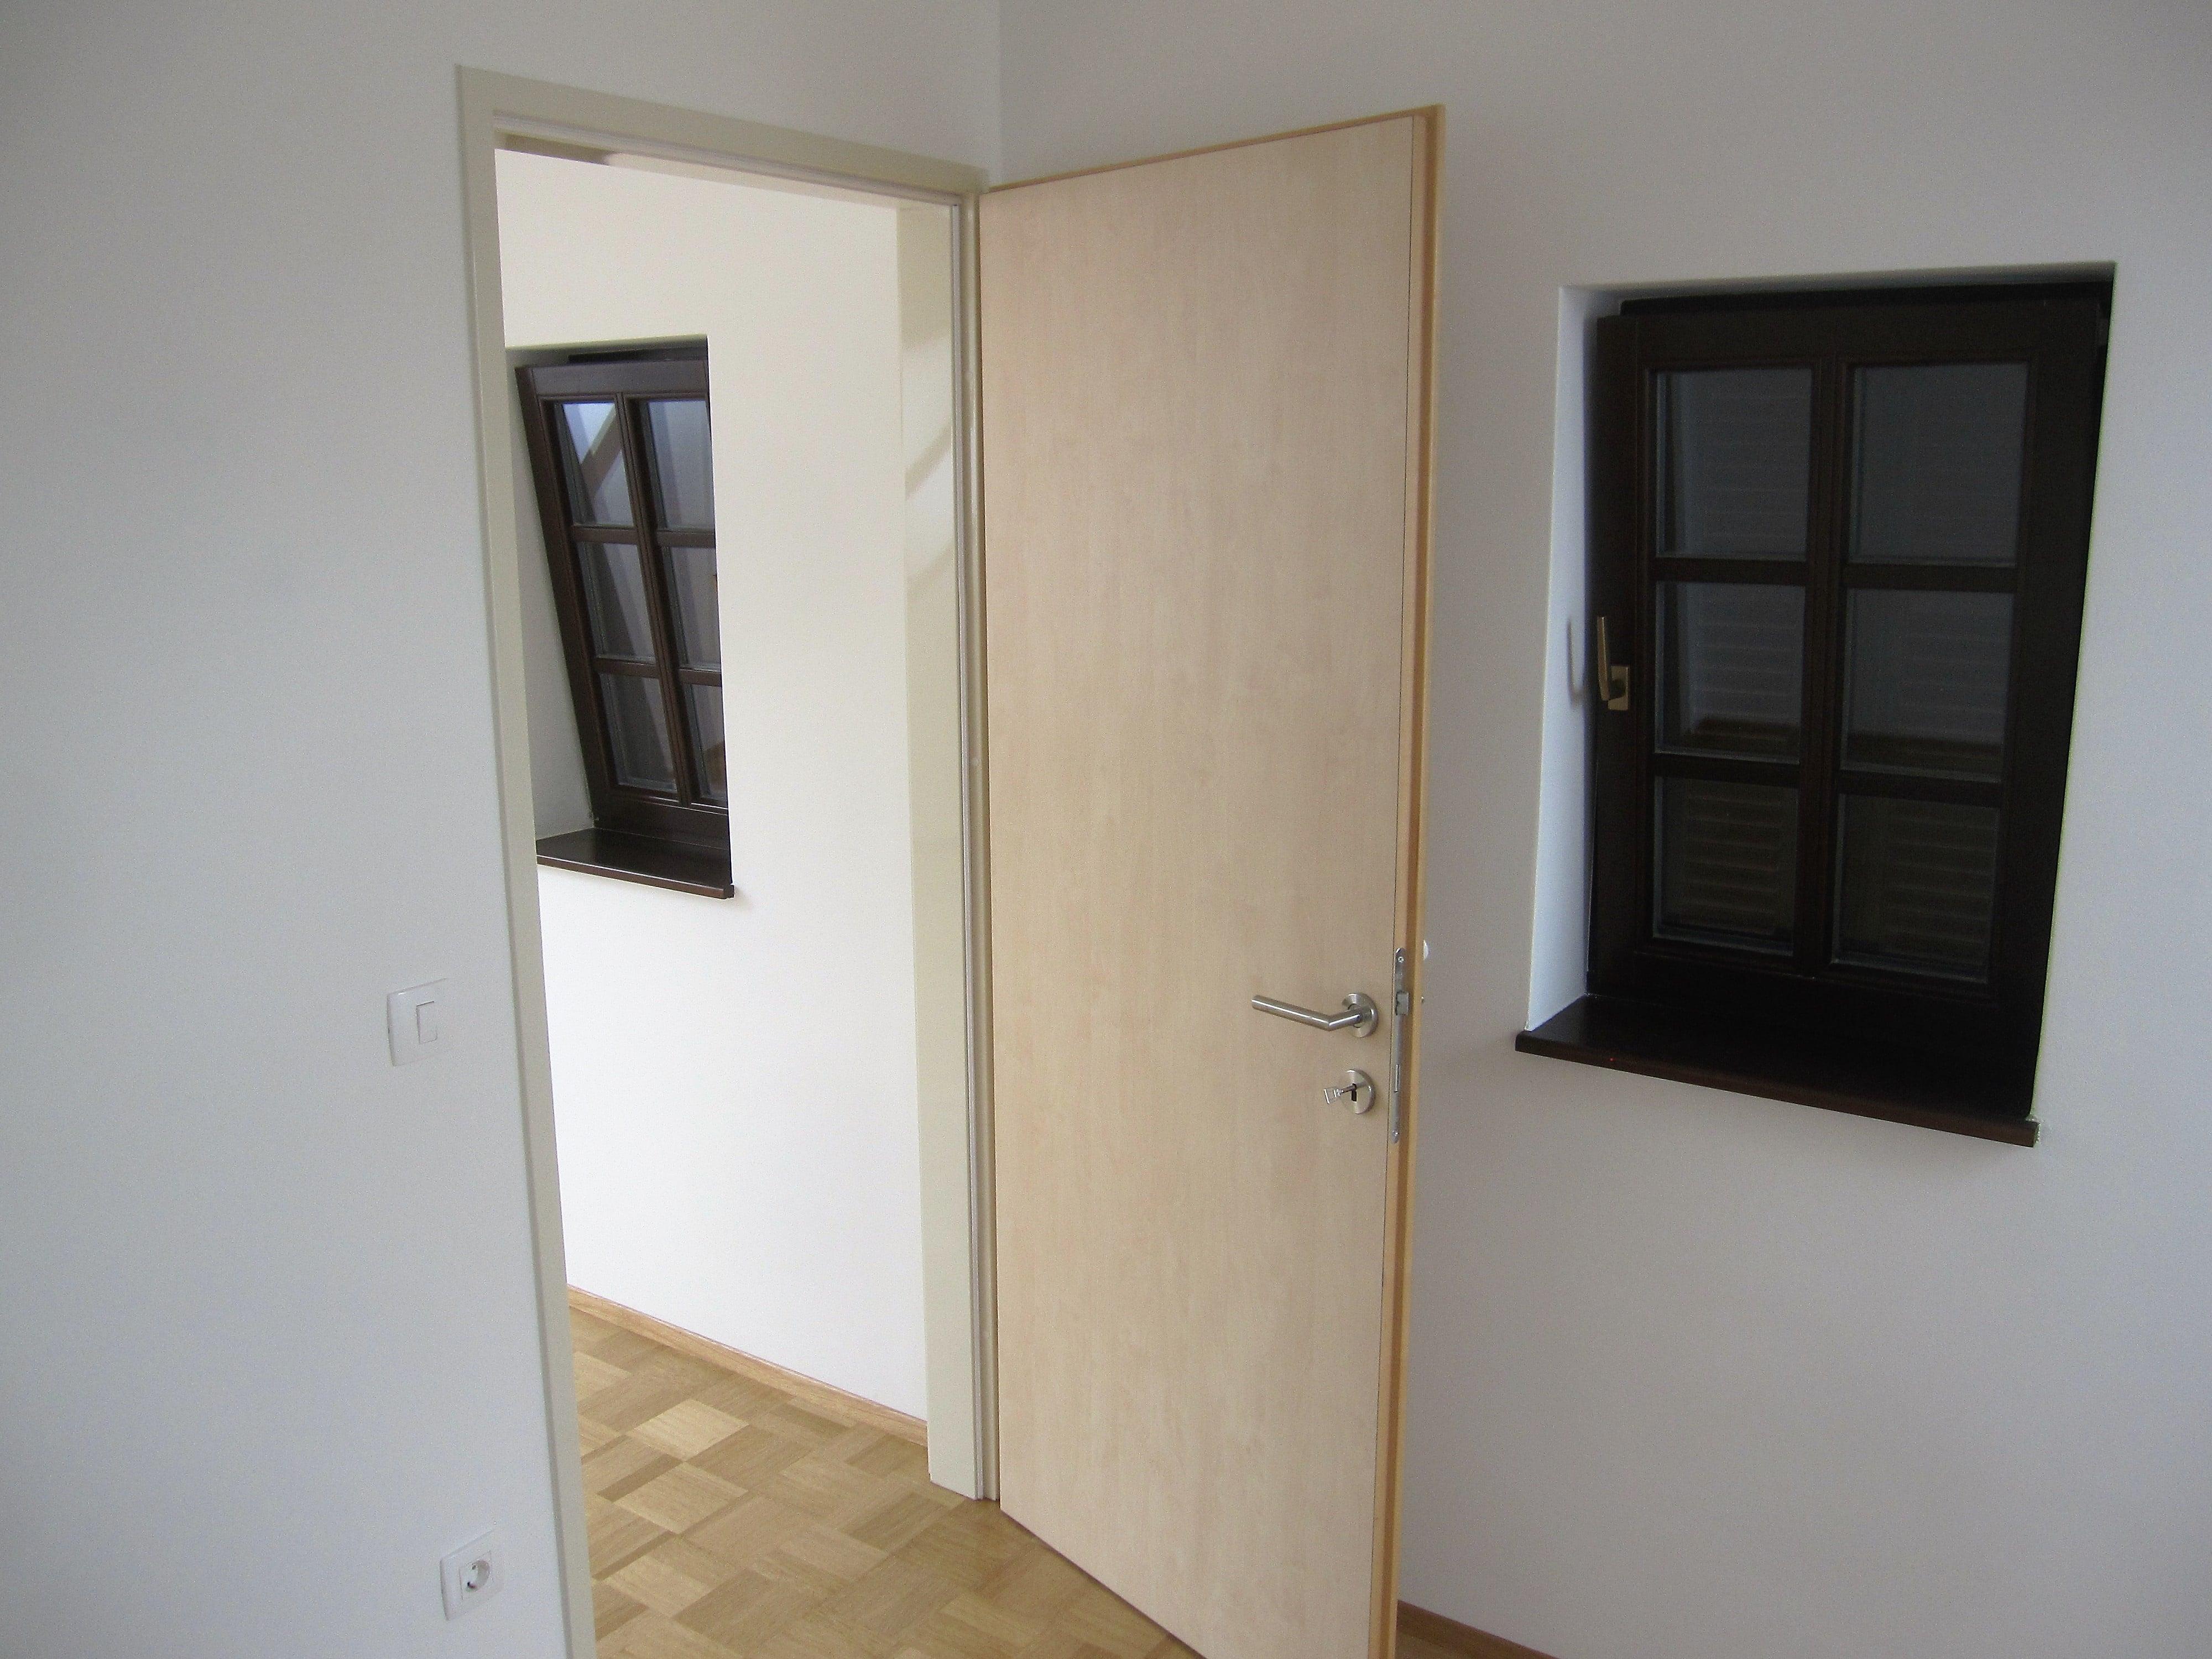 Notranja vrata na kovinskem podboju Jefačnikova domačija